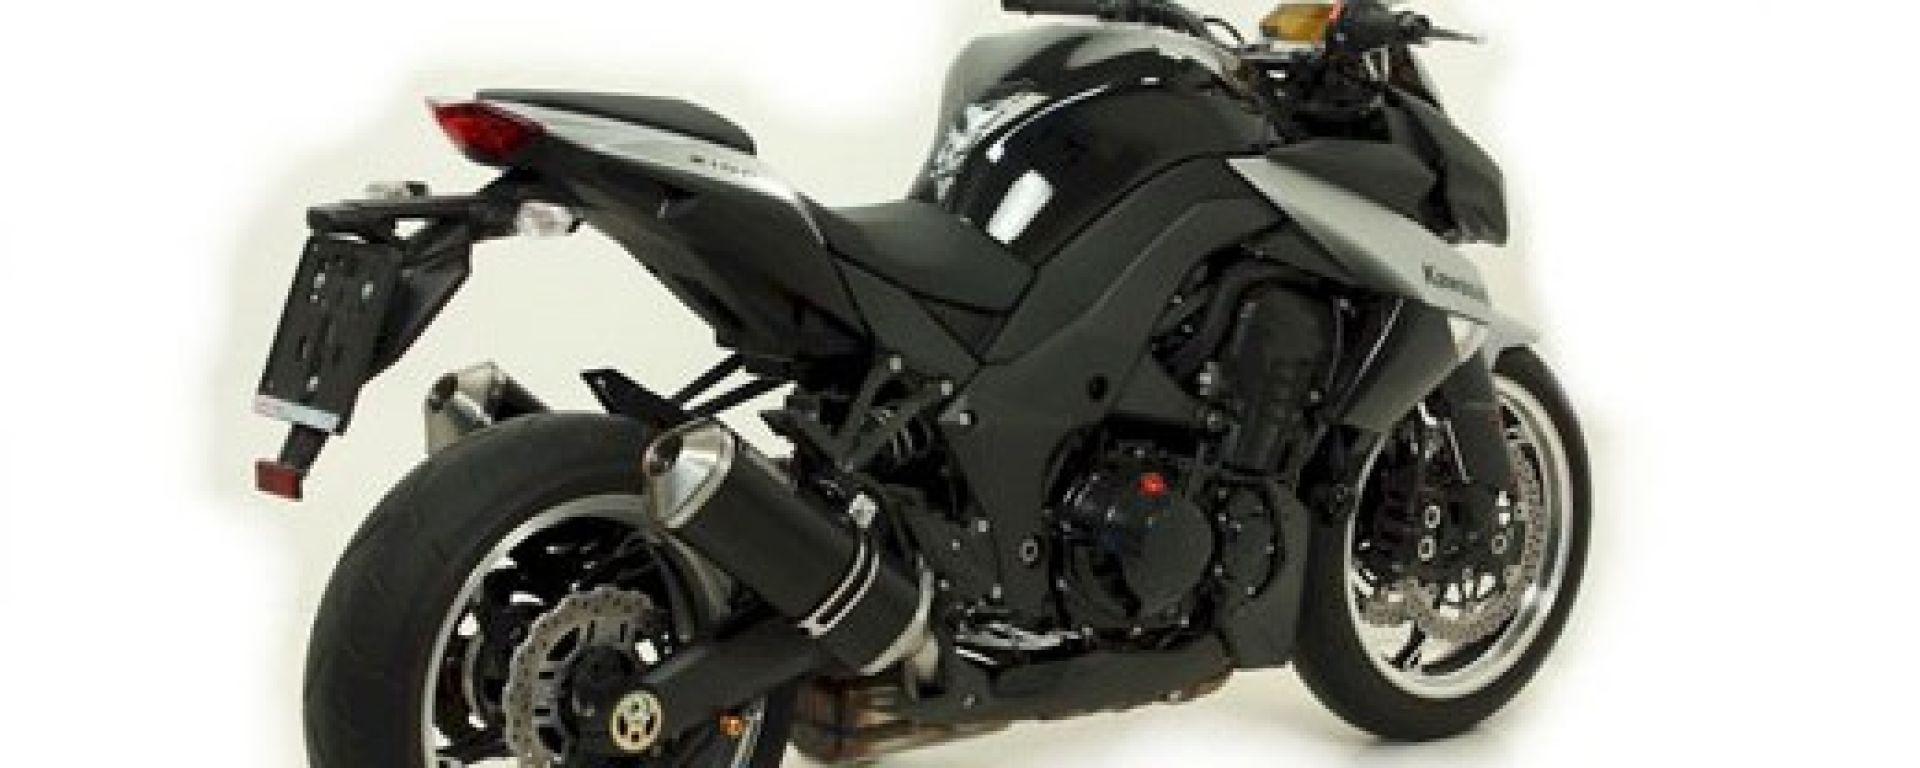 GIANNELLI: Kawasaki Z1000 a tutto gas